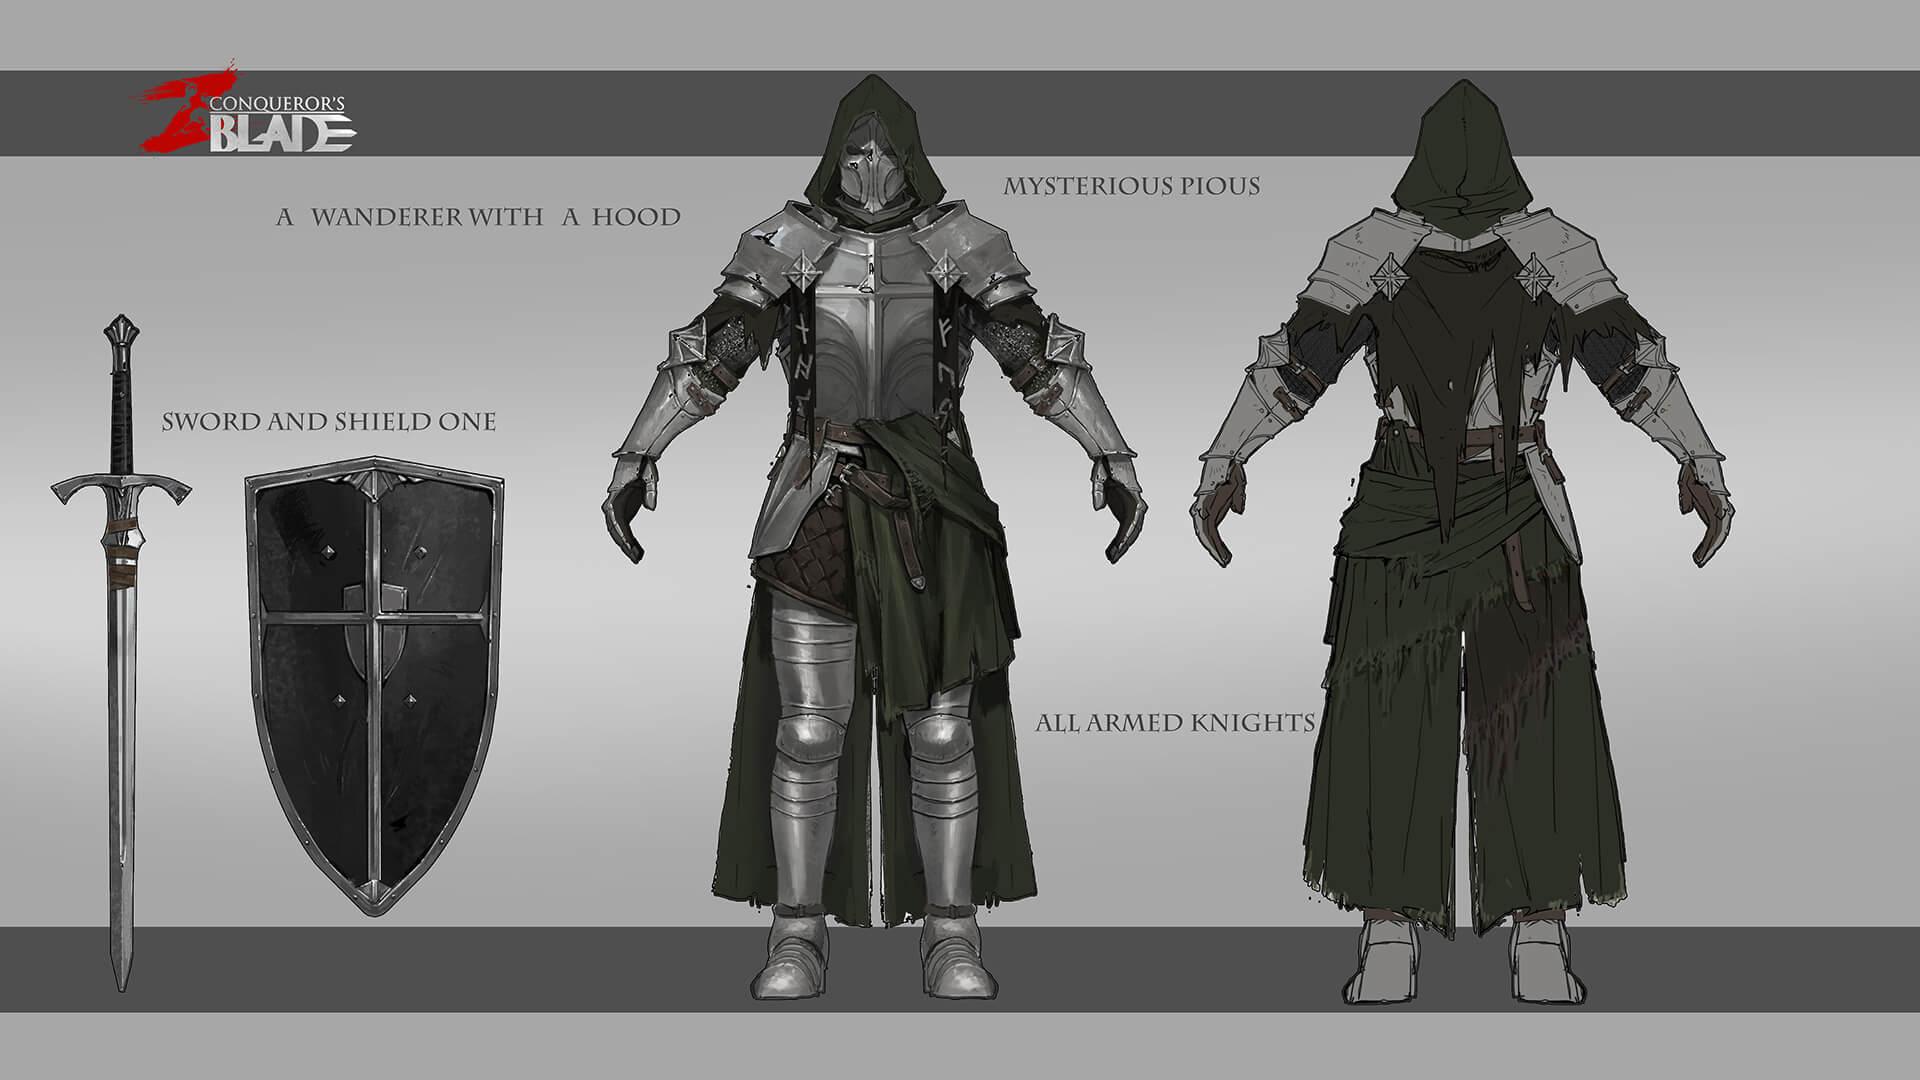 Conqueror's Blade - Conqueror's Blade Арт